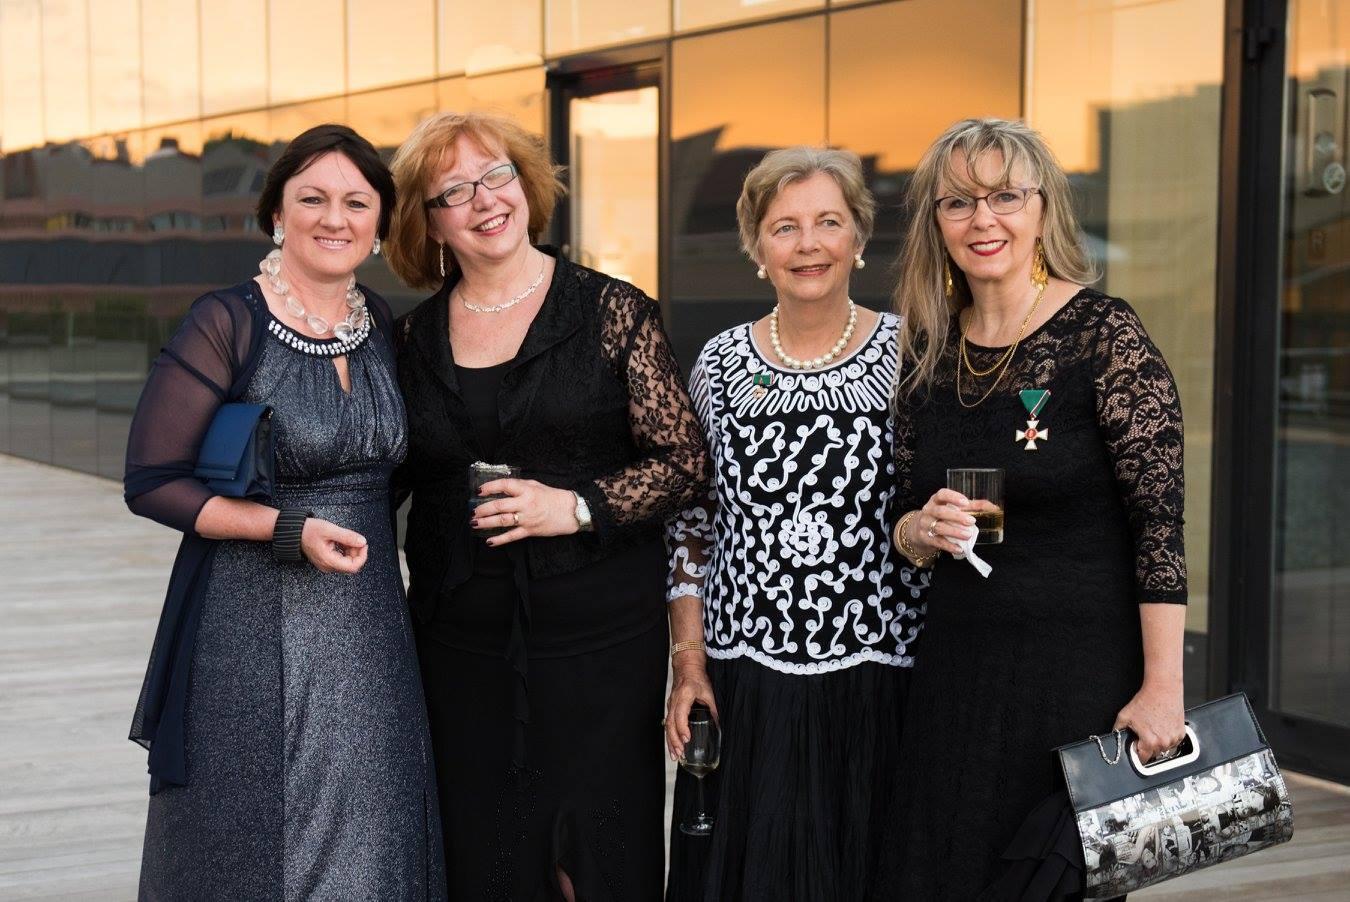 Ambassador Dr. Réka Szemerkényi, Dr. Ágnes Virga, Mrs. Edith Lauer, Ms. Csilla Grauzer